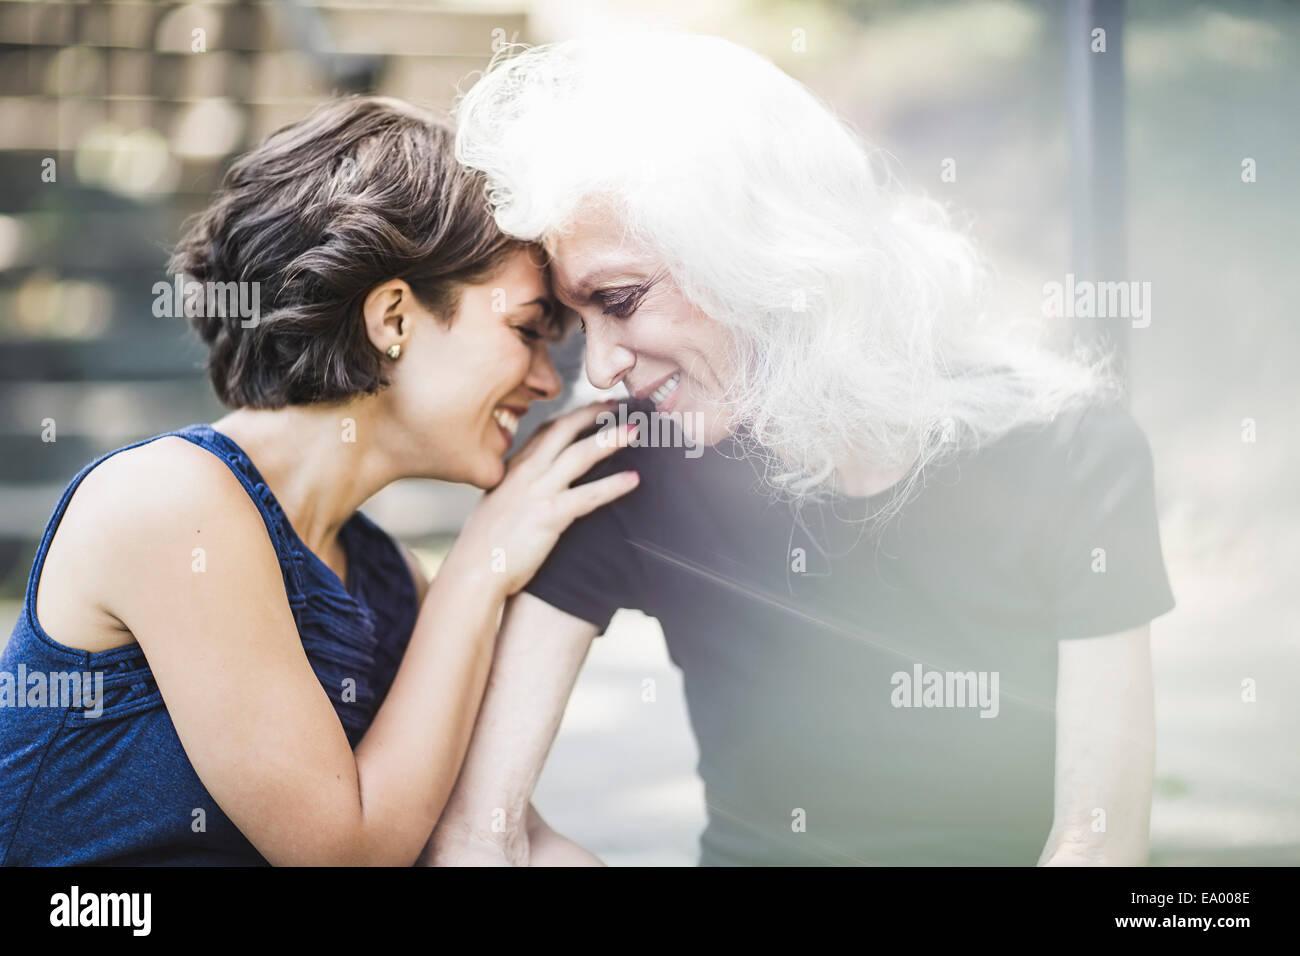 Jeune femme partager moment de tendresse avec son mentor Photo Stock